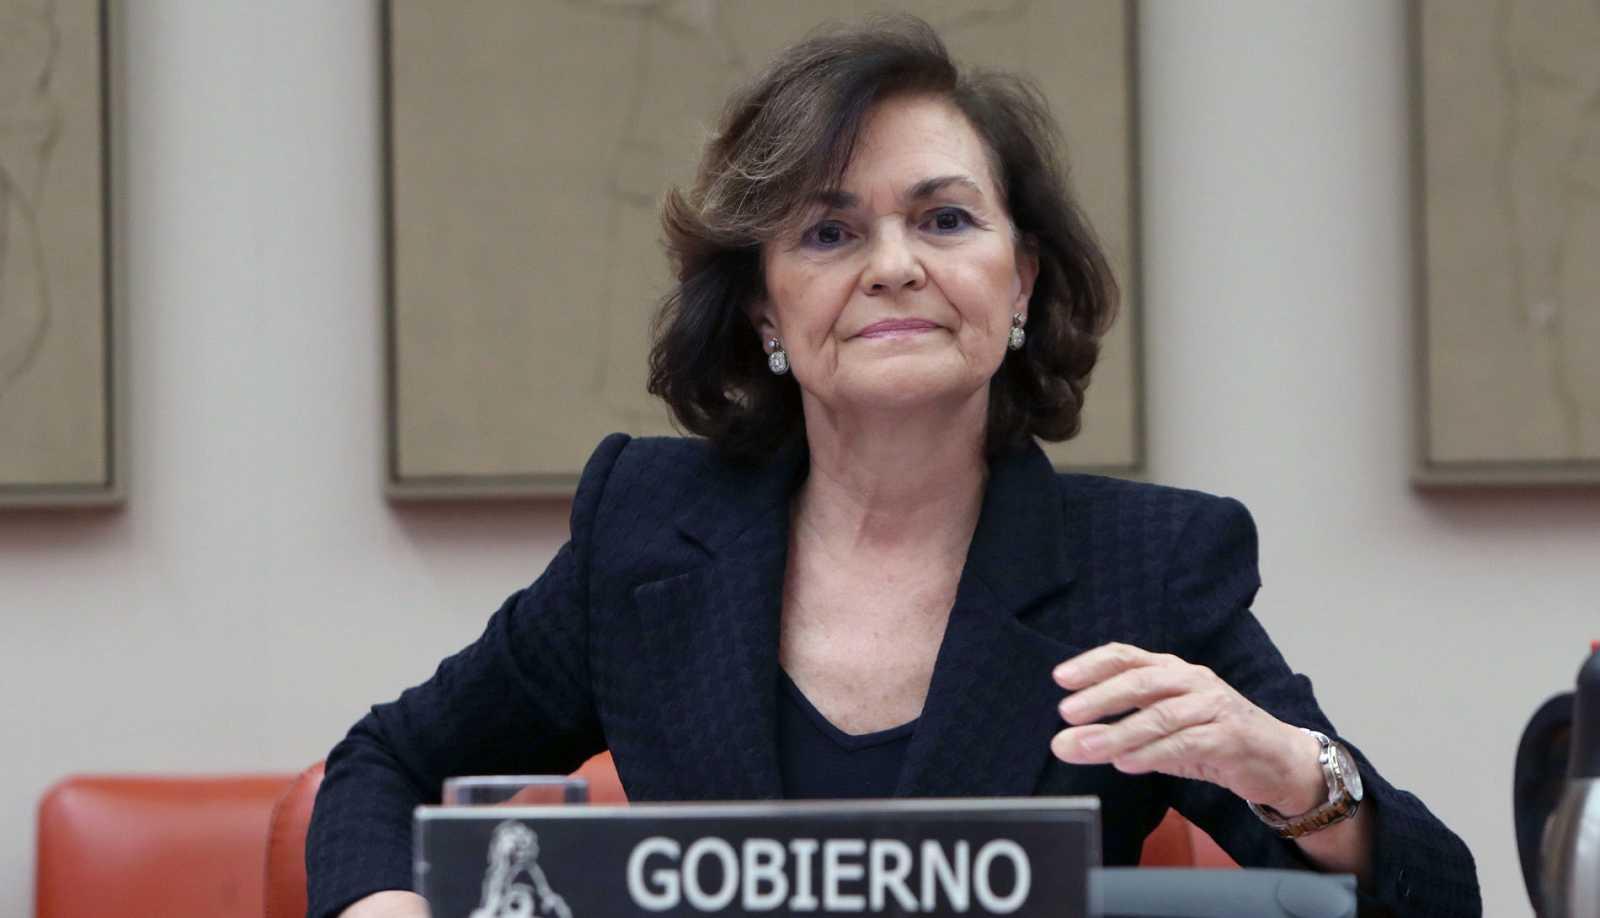 La vicepresidenta primera del Gobierno, Carmen Calvo, durante la primera comparecencia de un miembro del gabinete en las comisiones del Congreso